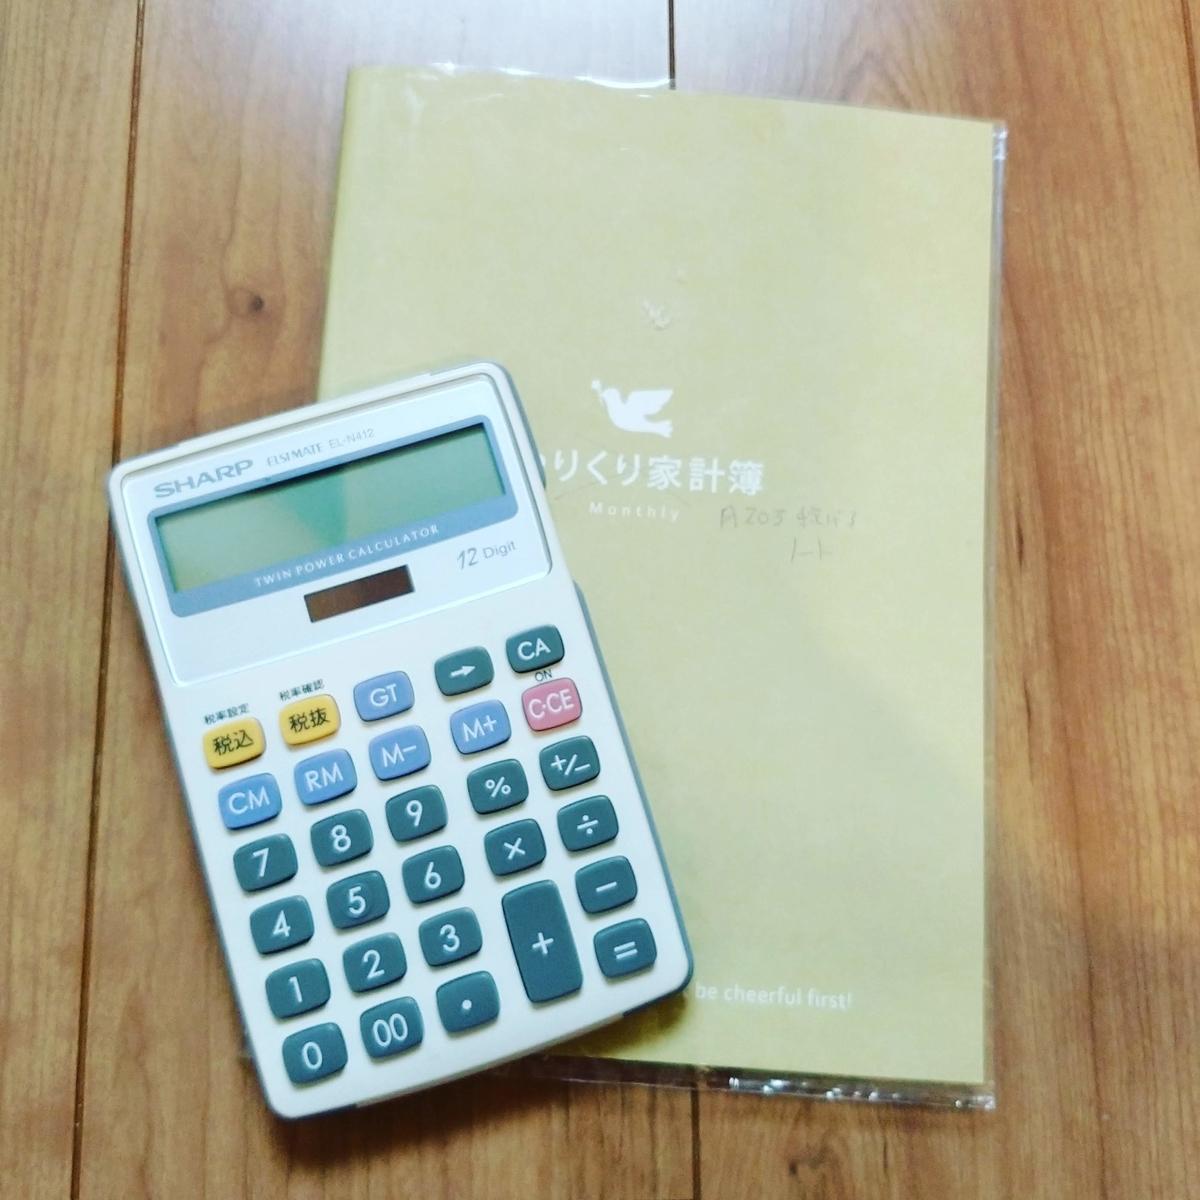 電卓と家計簿の写真